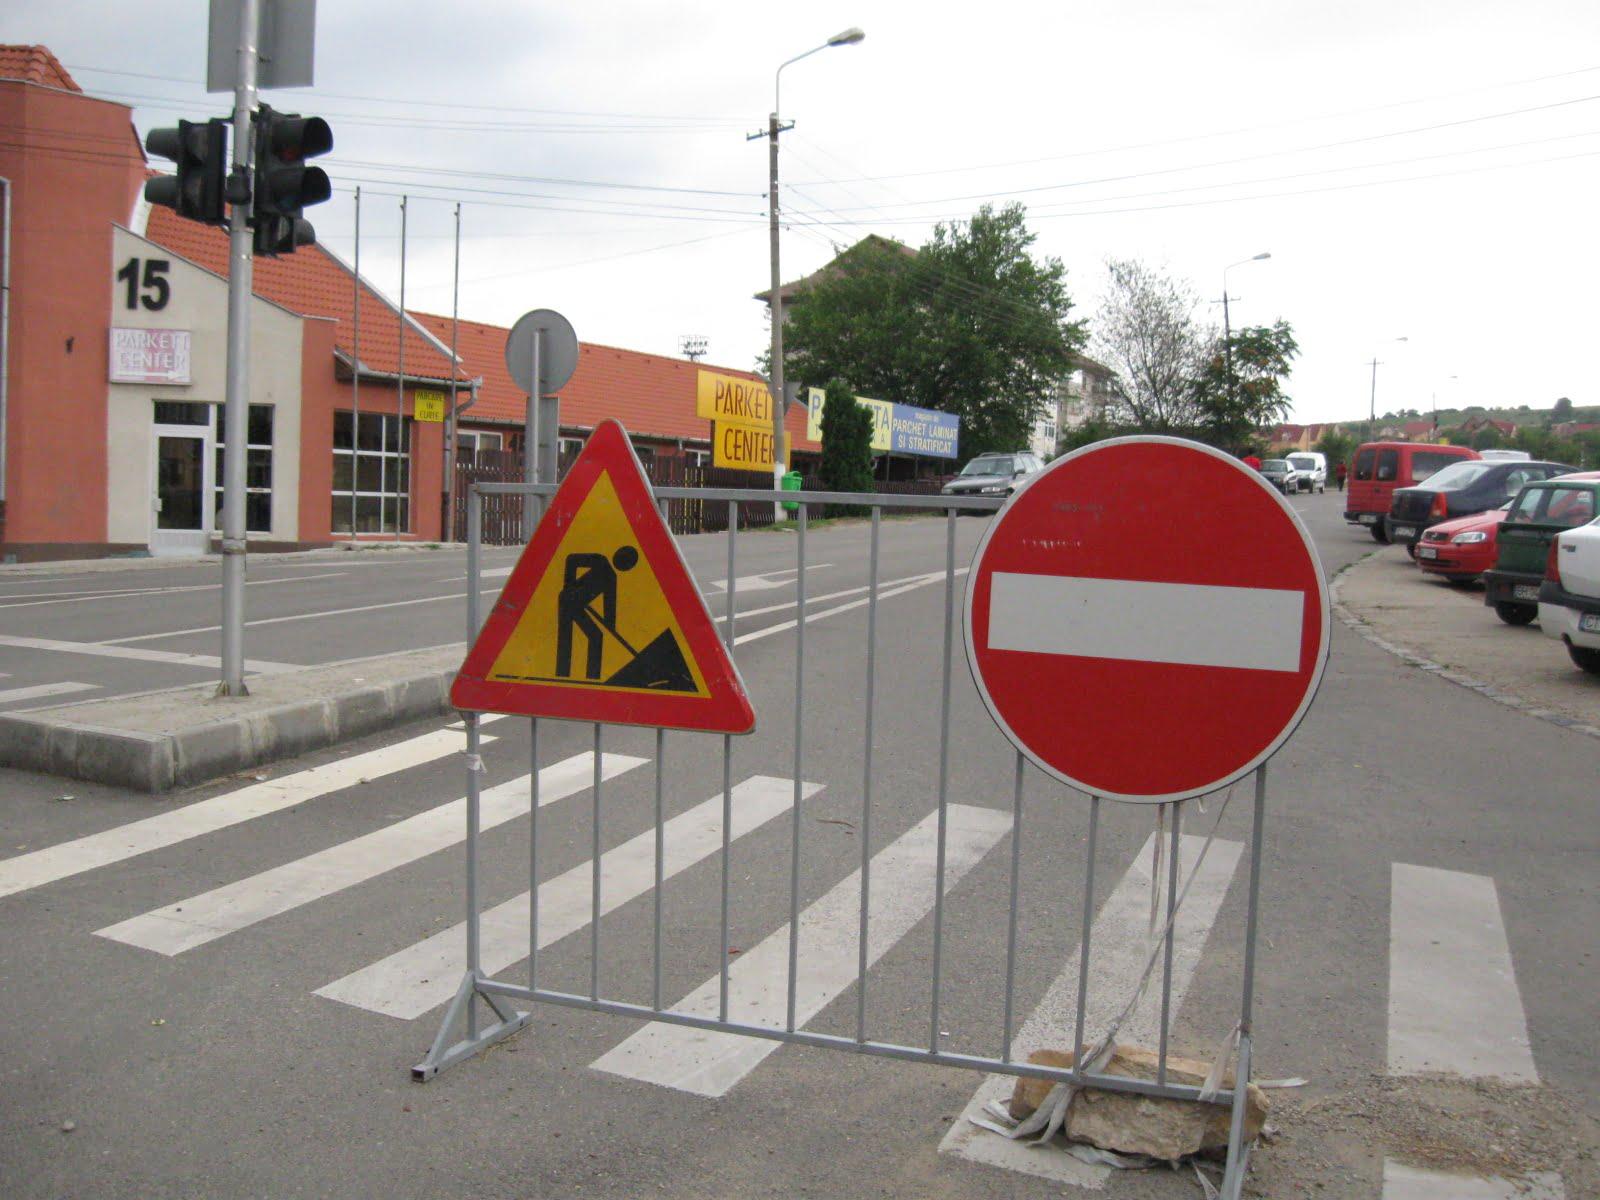 Pe 15 august circulatia va fi restrictionata pe unele sectoare de autostrazi si drumuri nationale pentru vehiculele care nu sunt destinate transportului de persoane!